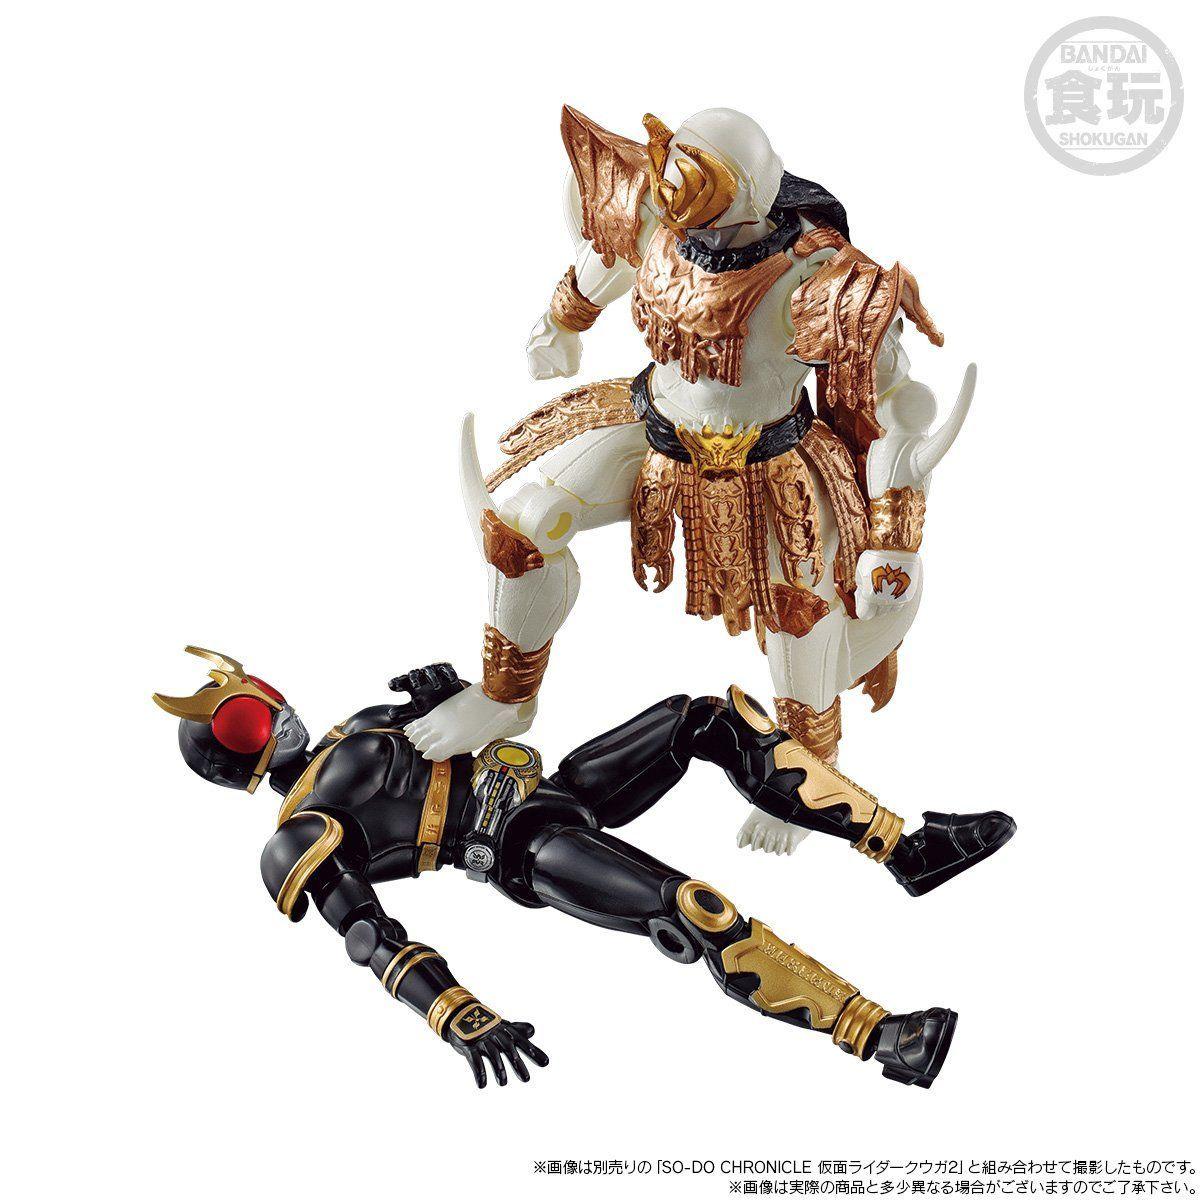 【限定販売】【食玩】SO-DO CHRONICLE『ン・ダグバ・ゼバ』仮面ライダークウガ 可動フィギュア-006